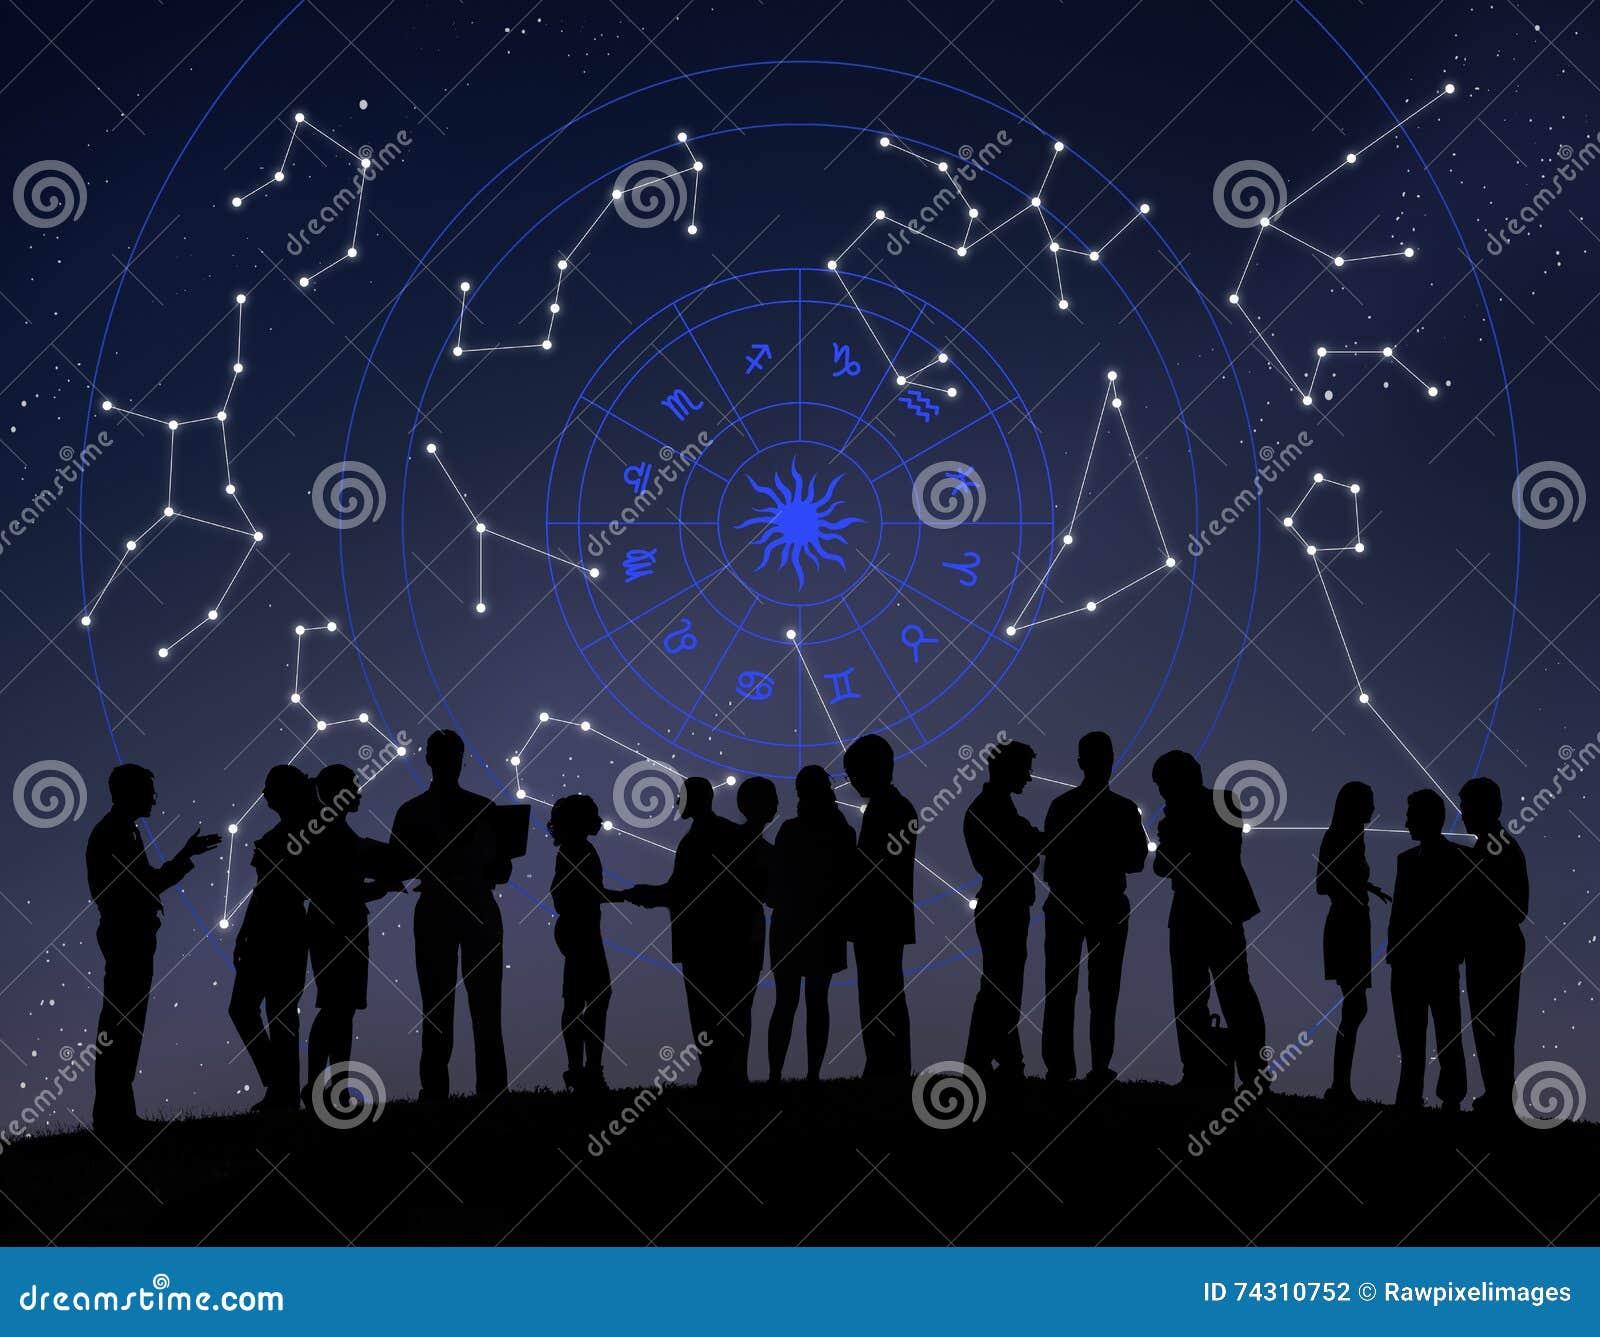 Гороскоп астрологии играет главные роли знаки зодиака